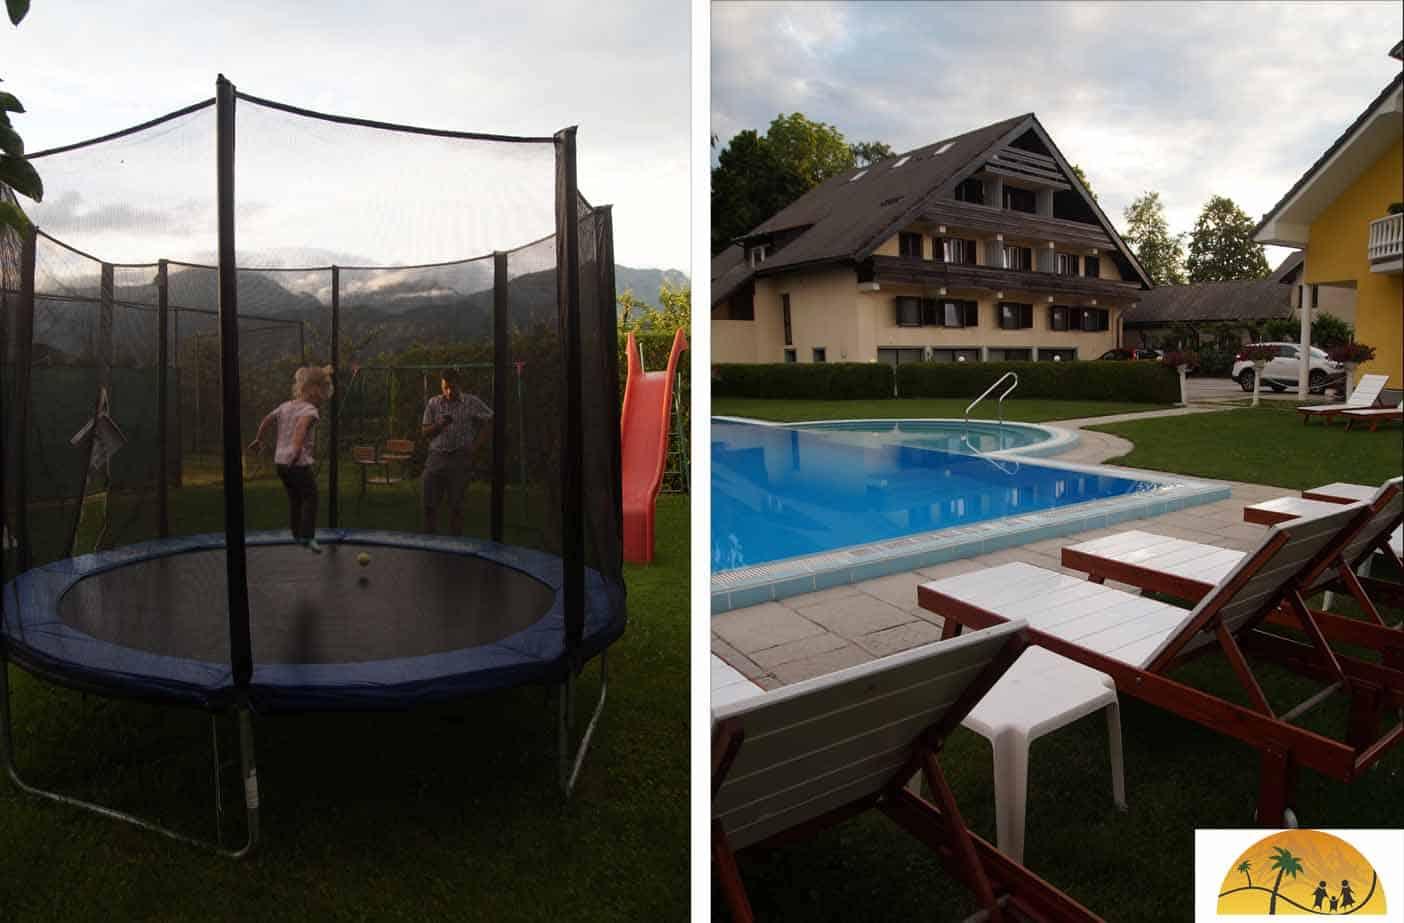 kindvriendelijk hotel slovenie